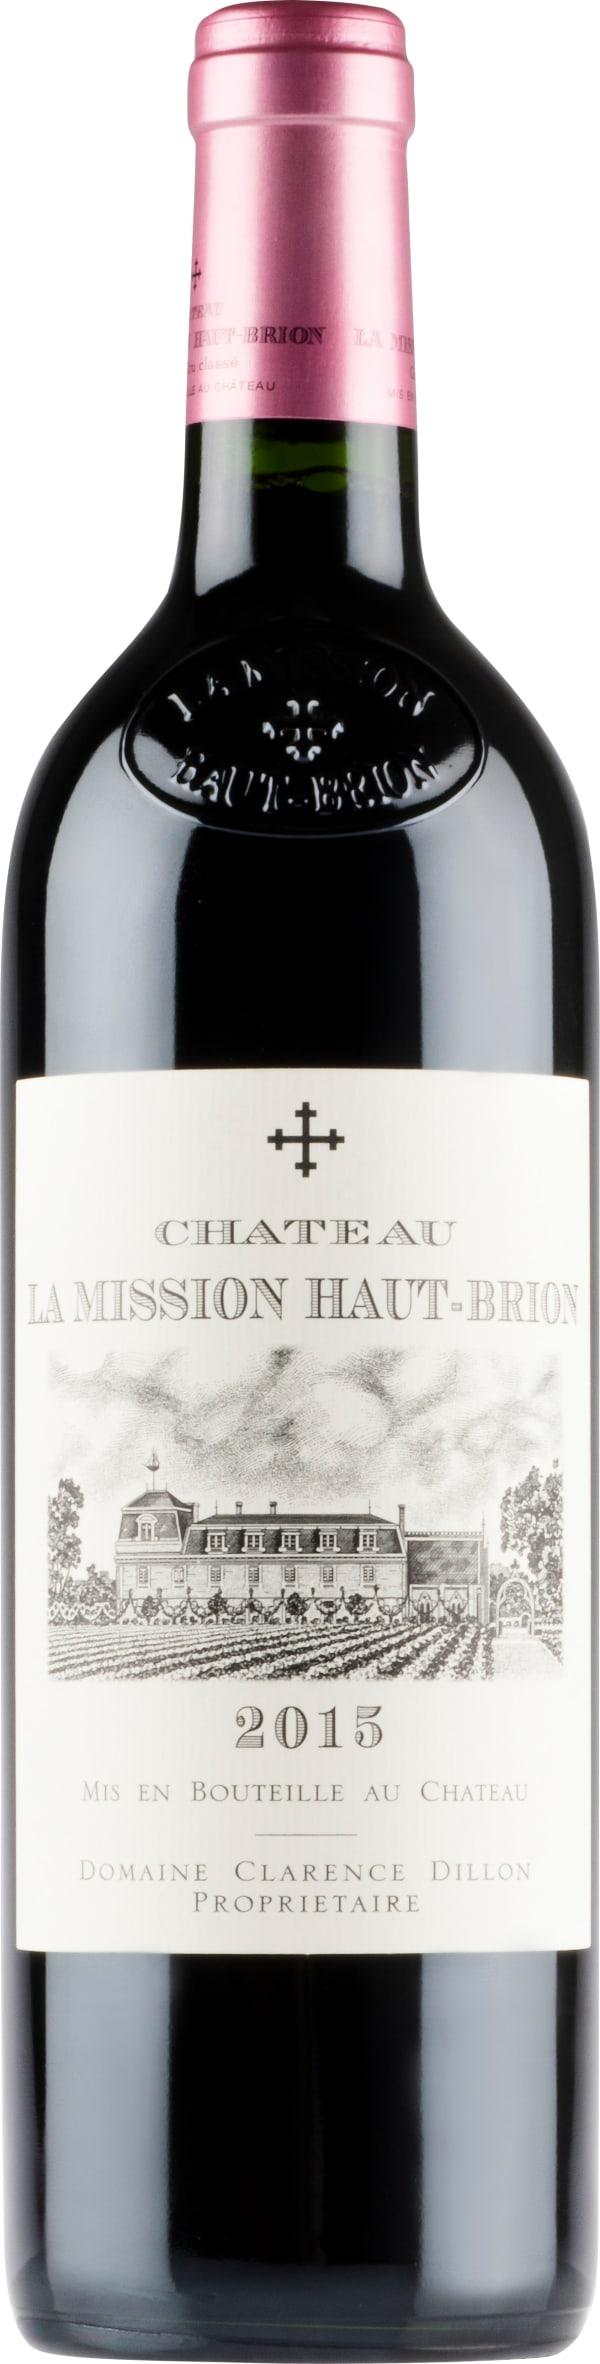 Château La Mission Haut-Brion Rouge 2015